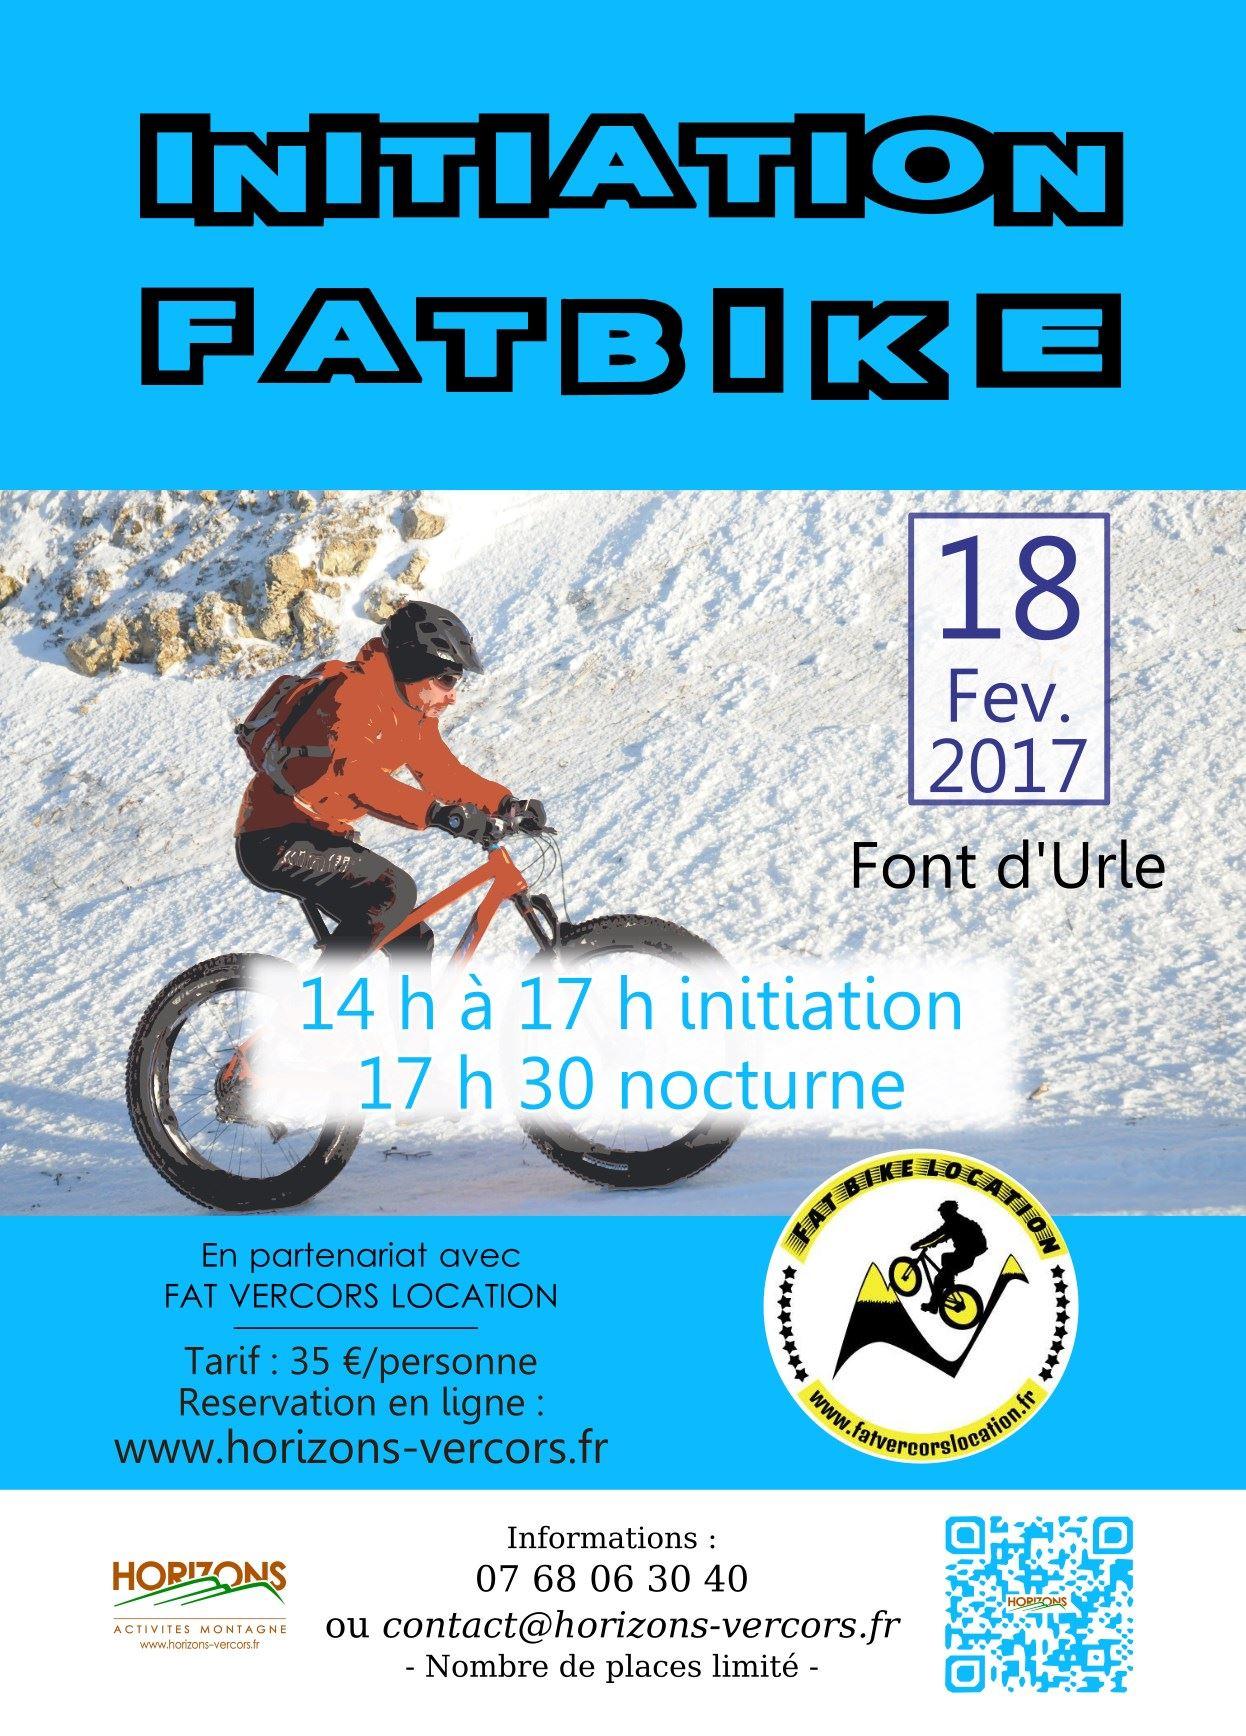 Samedi 20 février - Initiation Fatbike - Affiche image